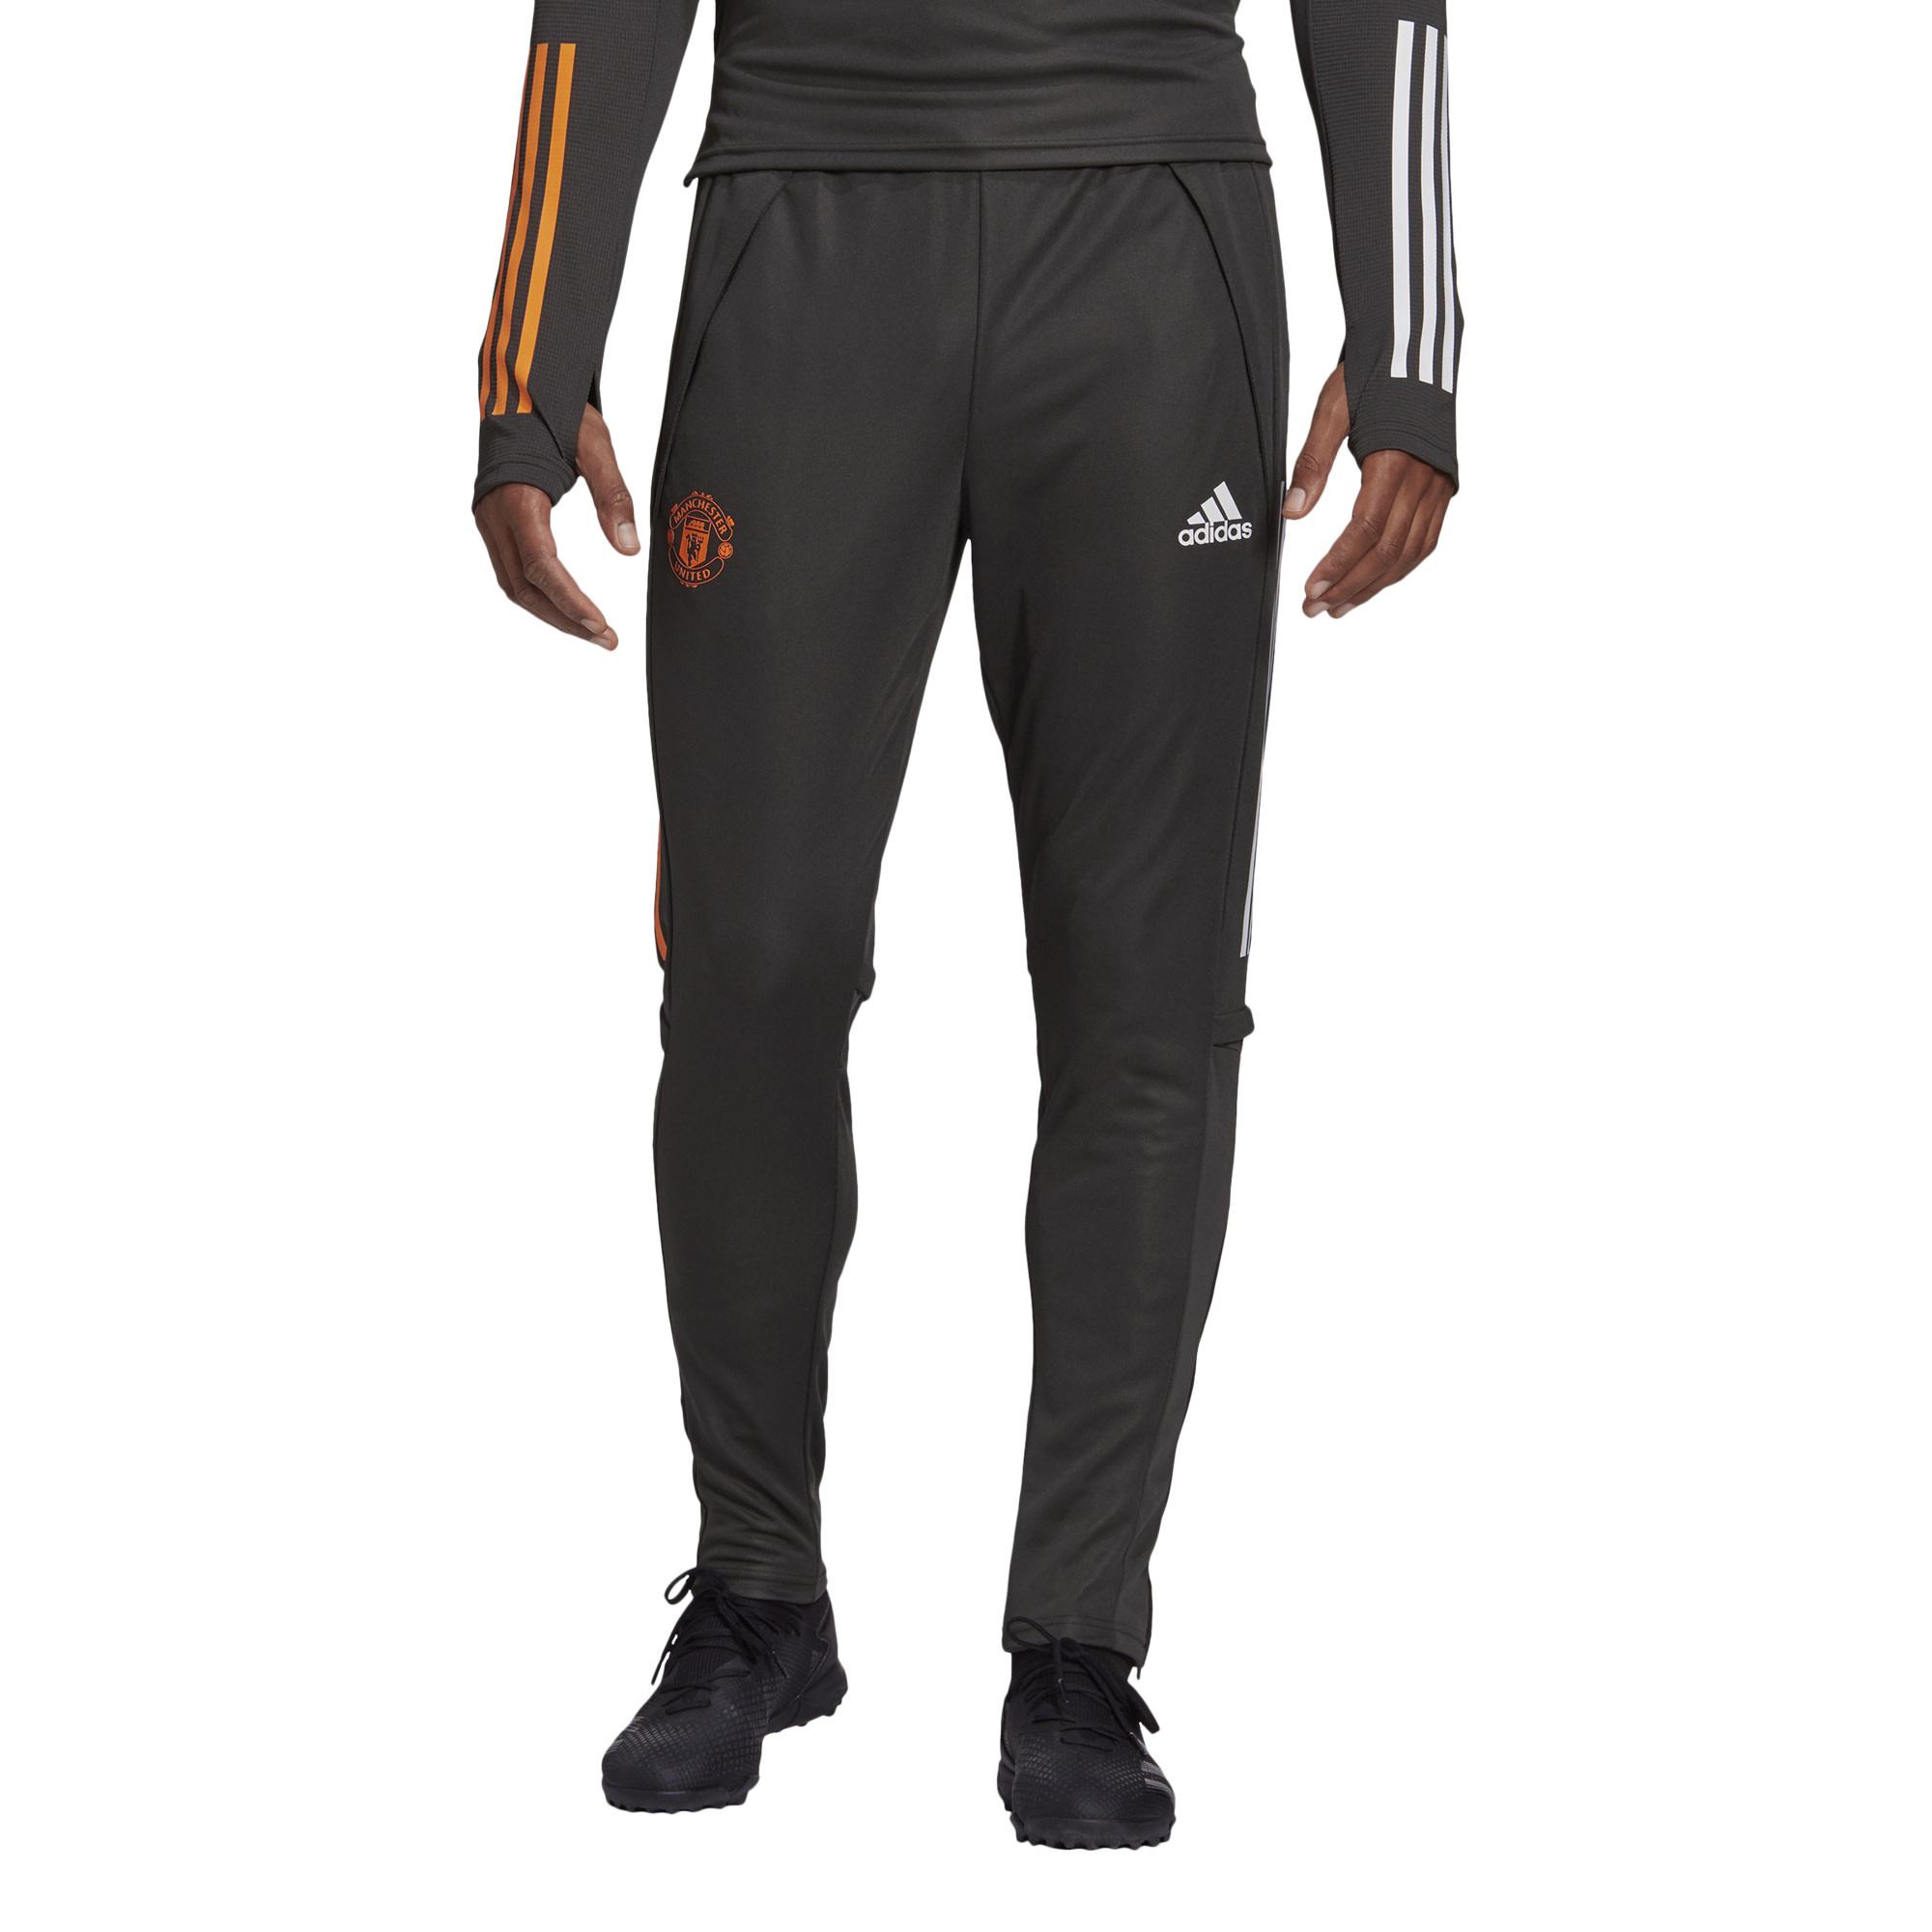 Adidas ADIDAS Manchester United Training Pant '20-'21